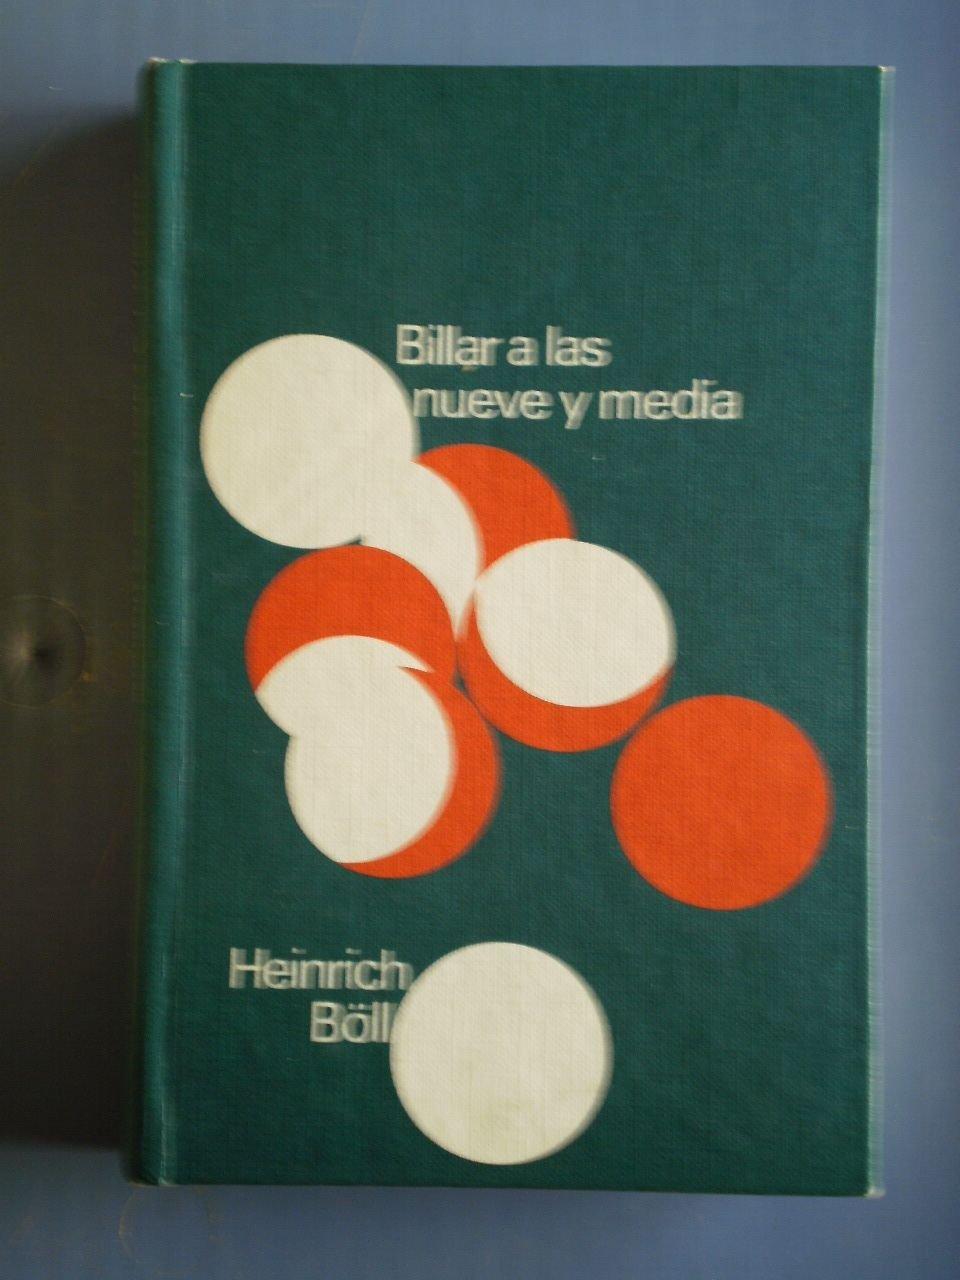 Billar a las nueve y media: Amazon.es: Heinrich (Colonia, Alemania ...